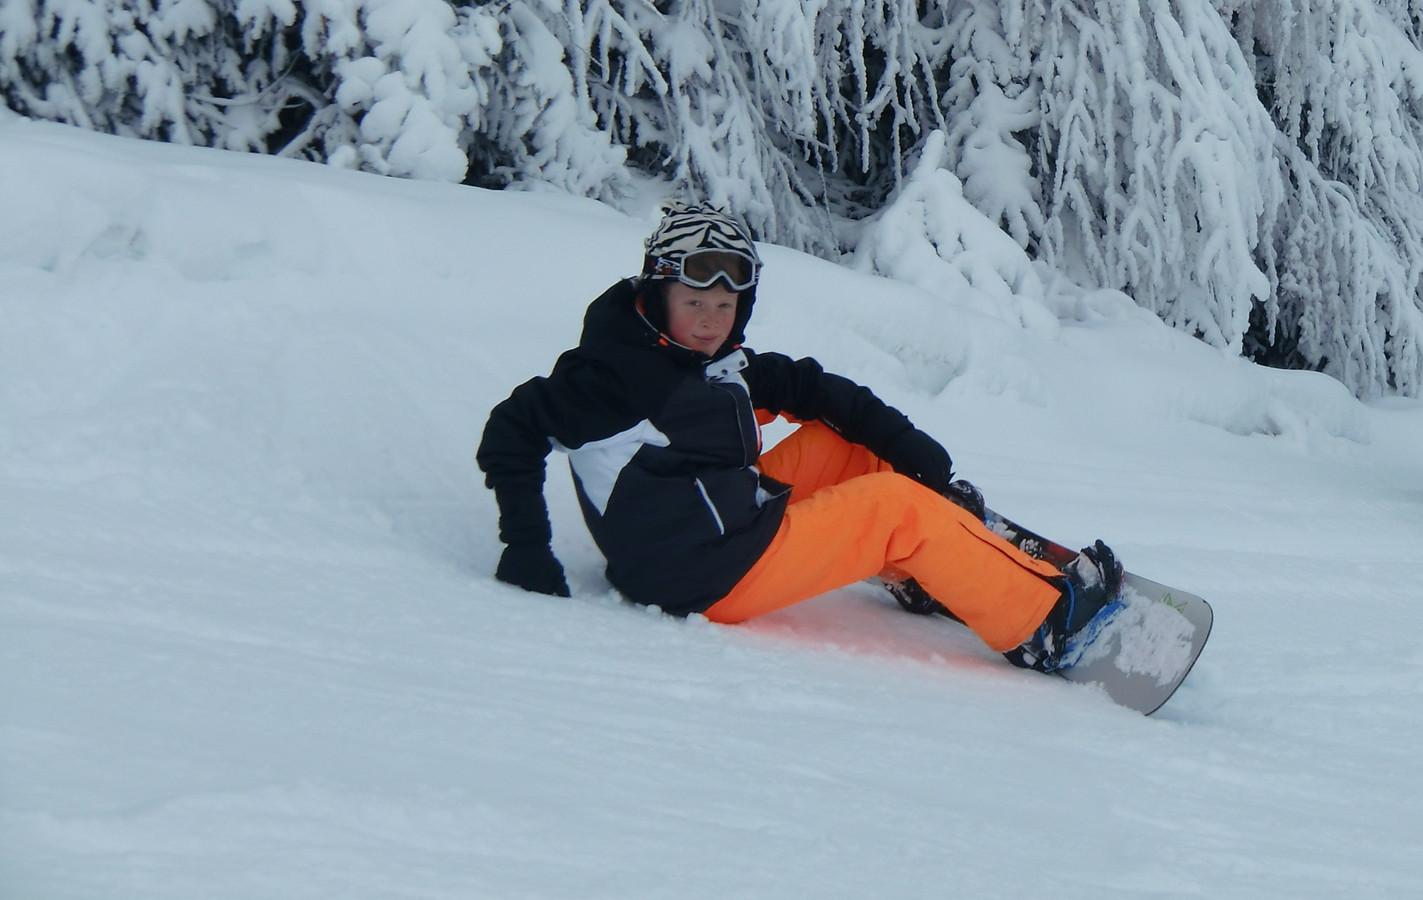 Tijdens een ski-vakantie in Oostenrijk klaagt Nikai over buikpuin. Het blijkt de opmaat naar erger.